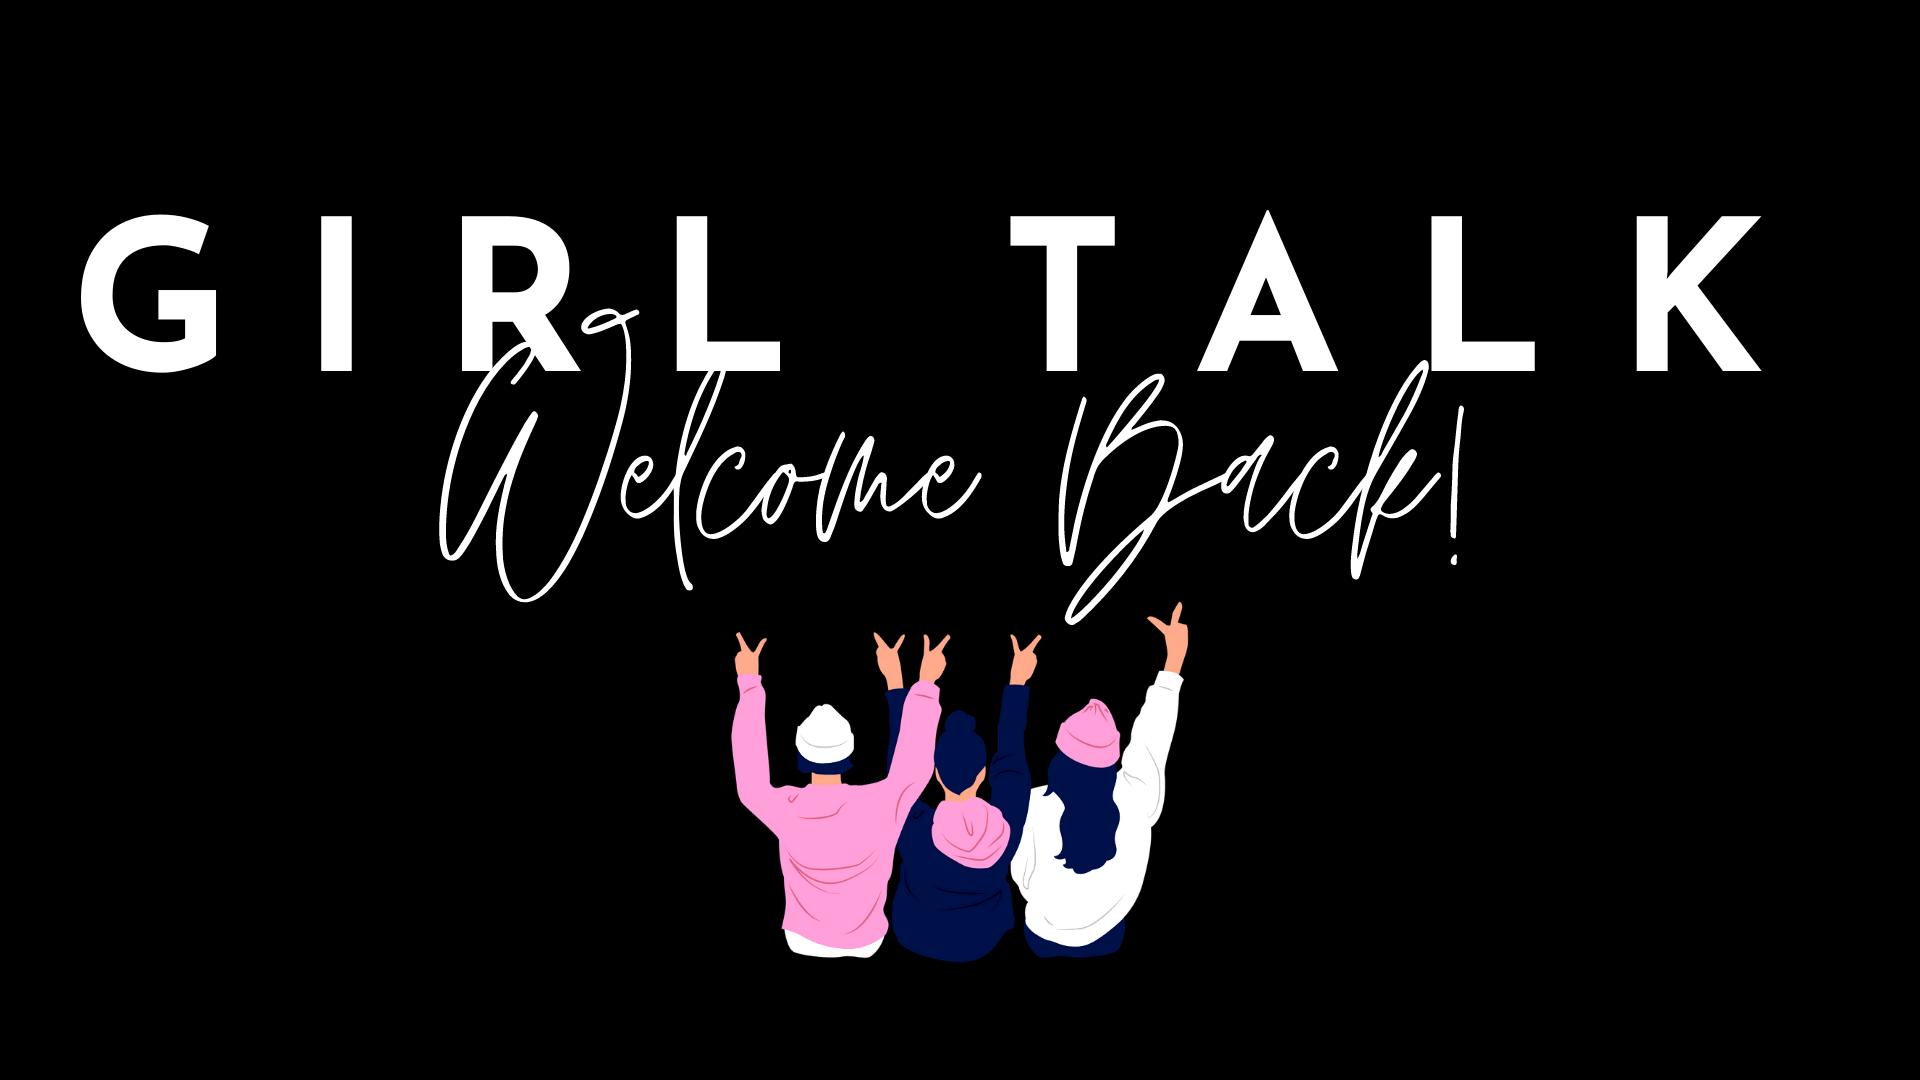 Girl Talk_Welcome Back21_Web